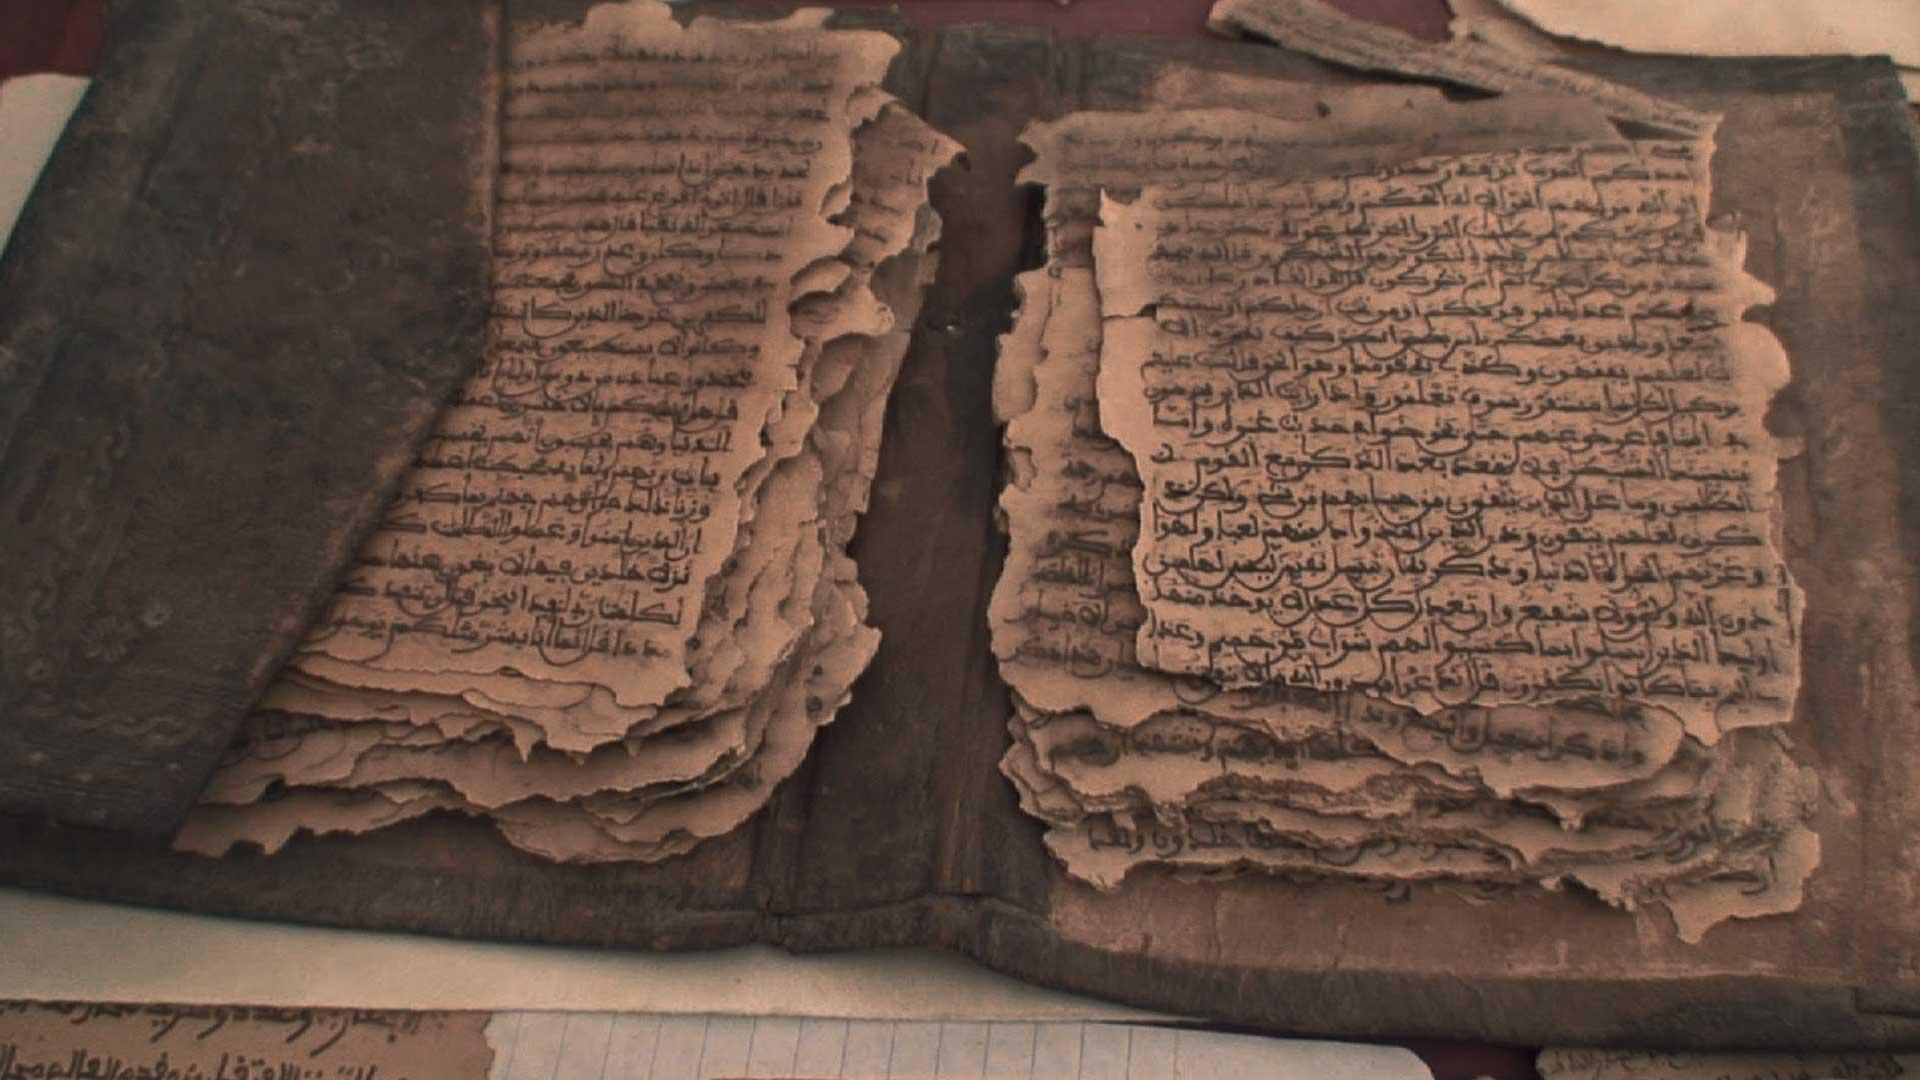 El mayor secreto del Vaticano: Este manuscrito revela los poderes ocultos de los humanos